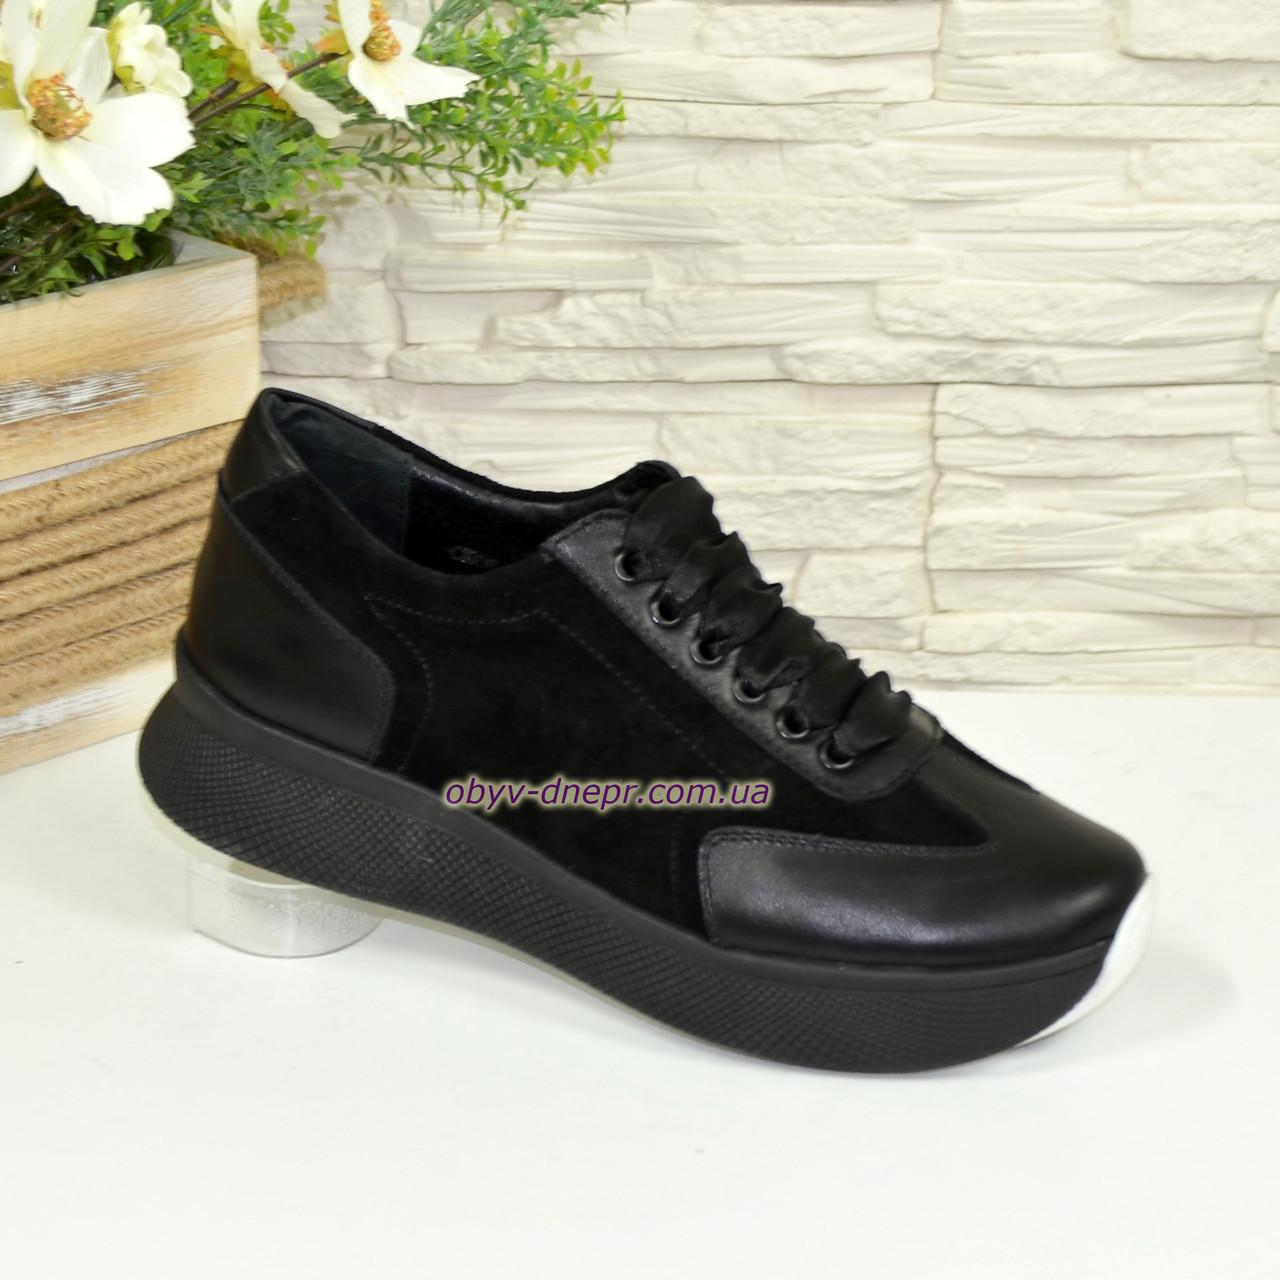 00af4a0a4 Купить Туфли женские на утолщенной подошве, натуральная кожа и замша ...